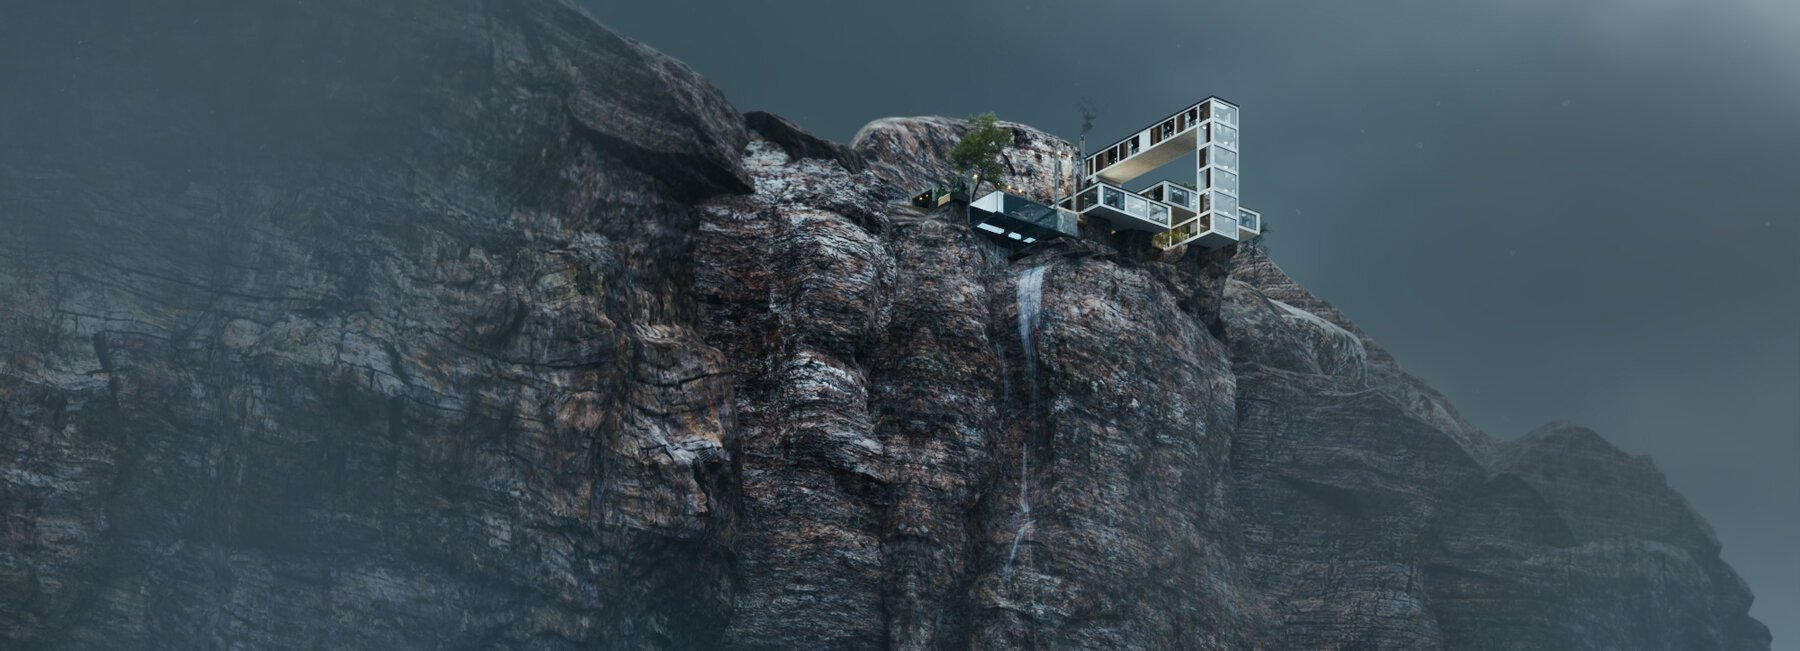 'Mountain house' de Milad Eshtiyaghi luce como bloques de Tetris sobre un acantilado